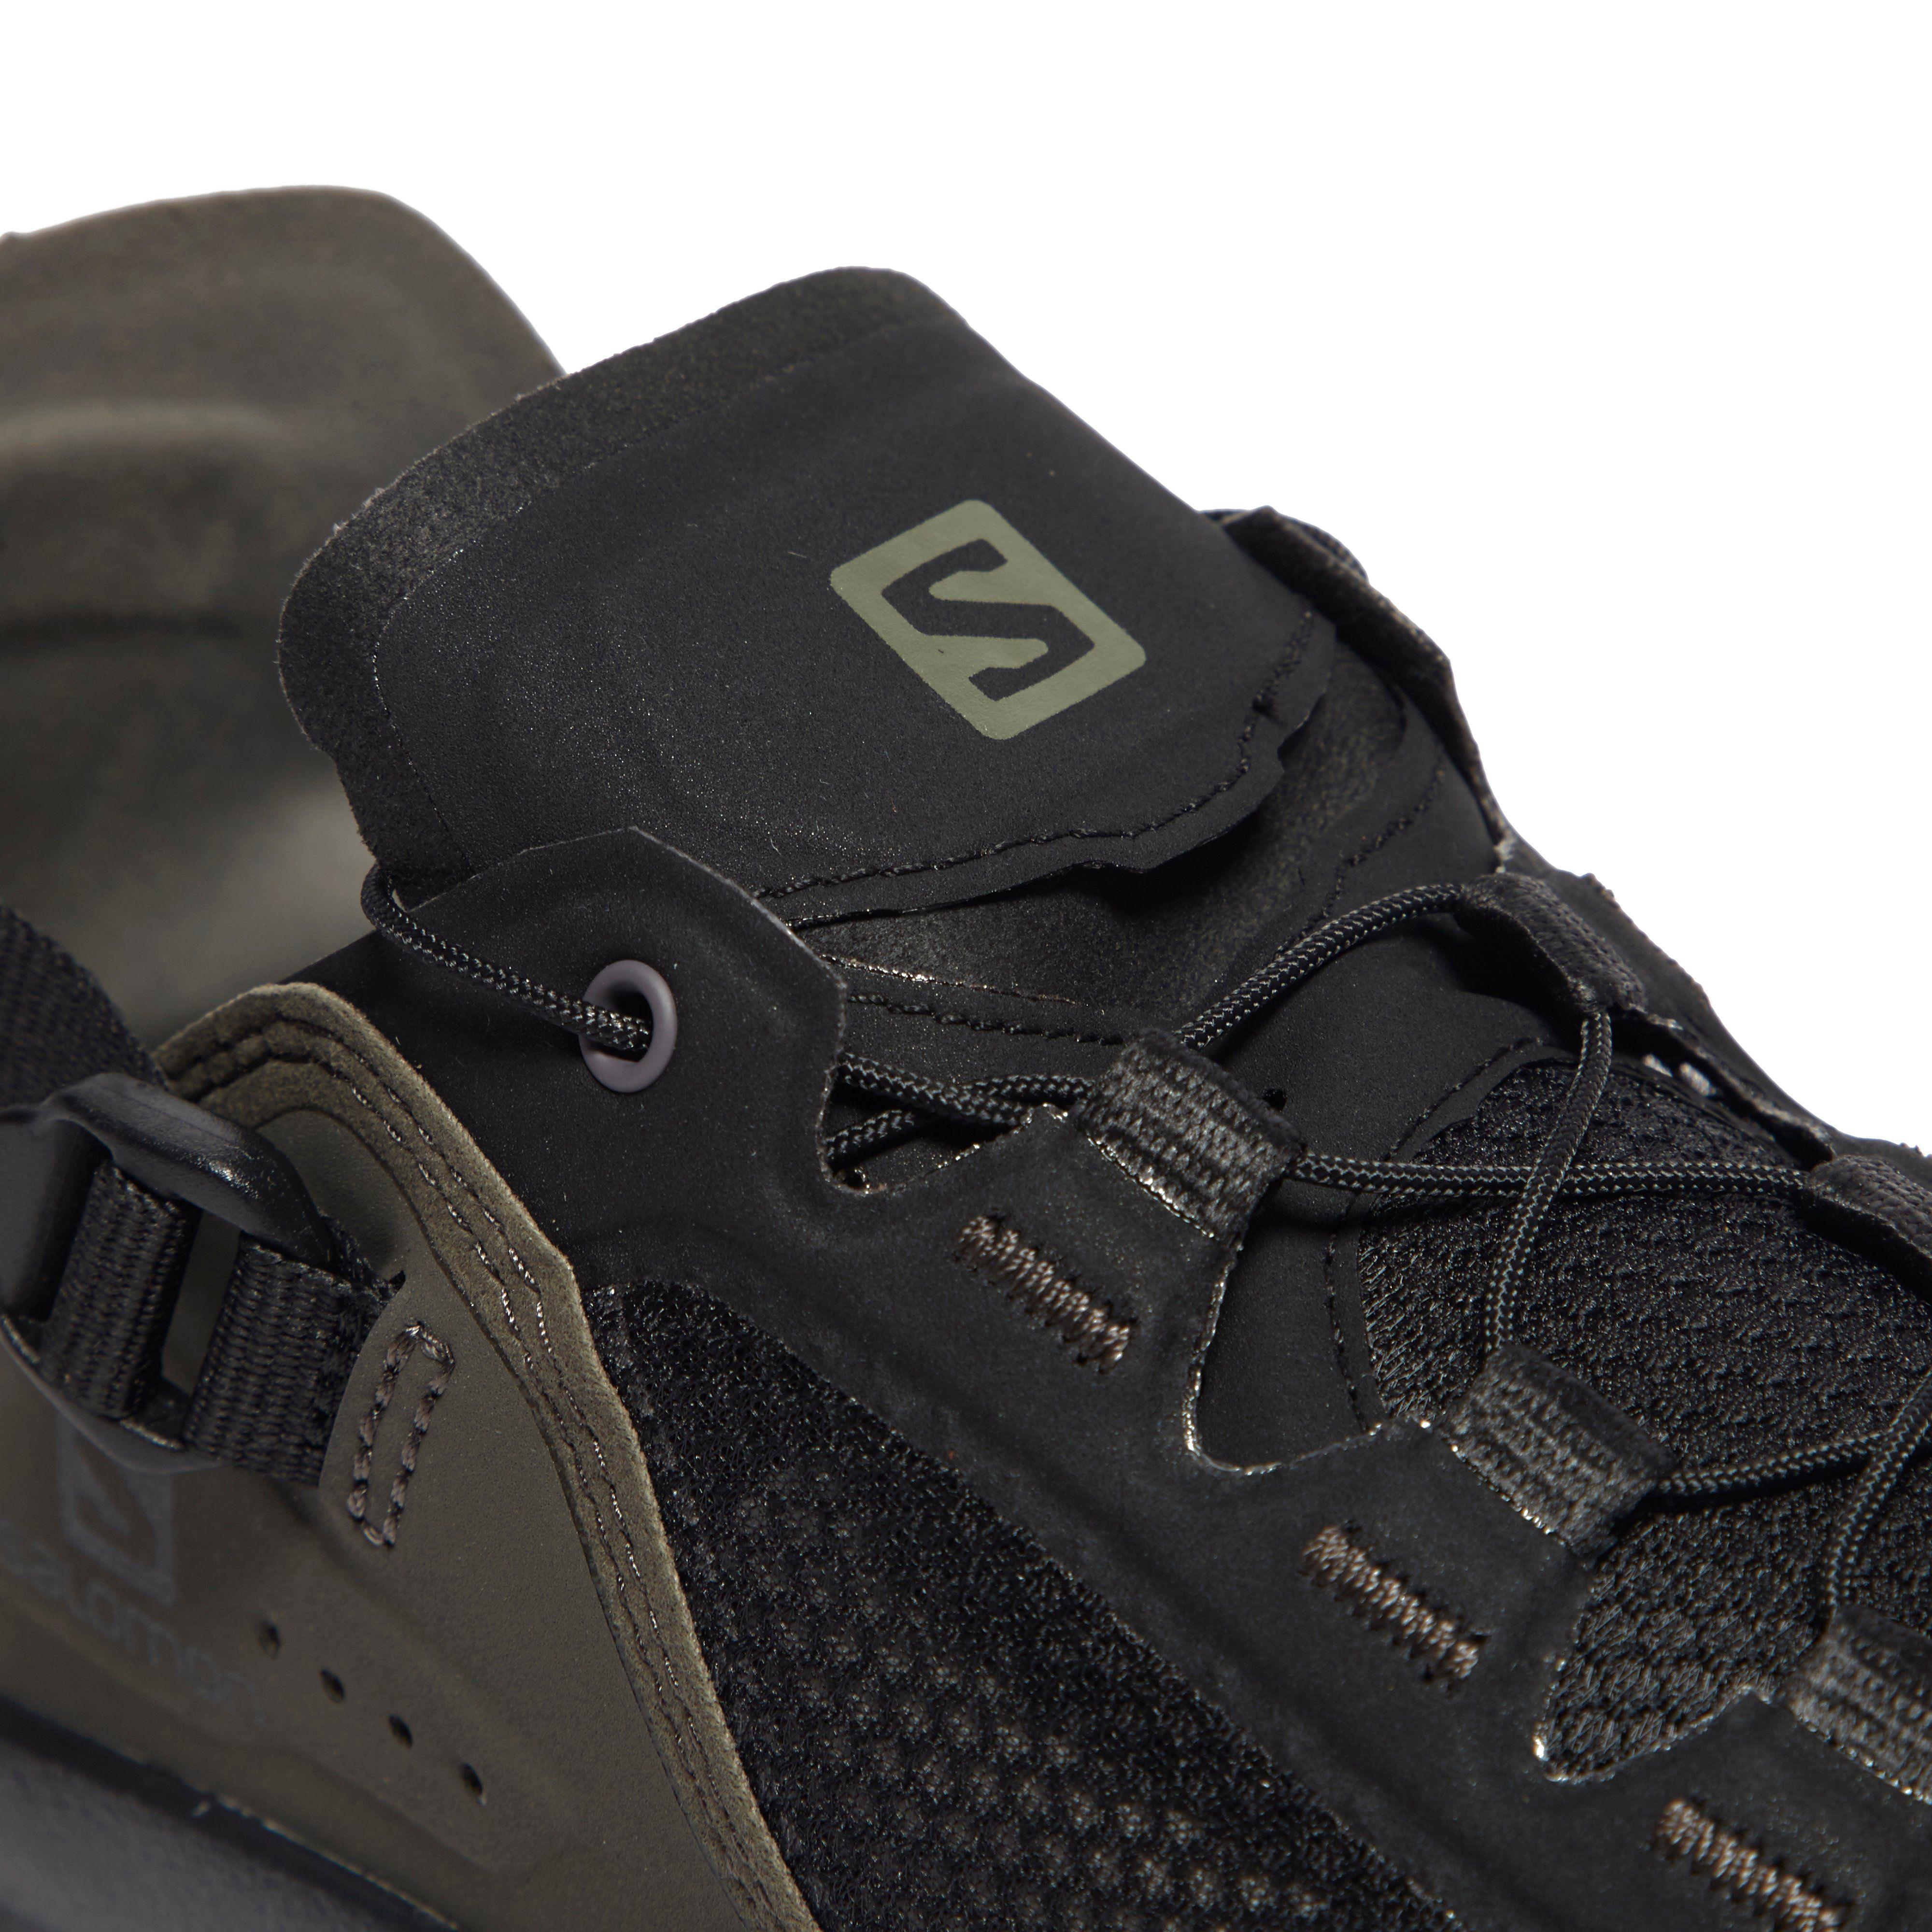 Salomon Techamphibian 4 Men's Water-Shedding Shoes